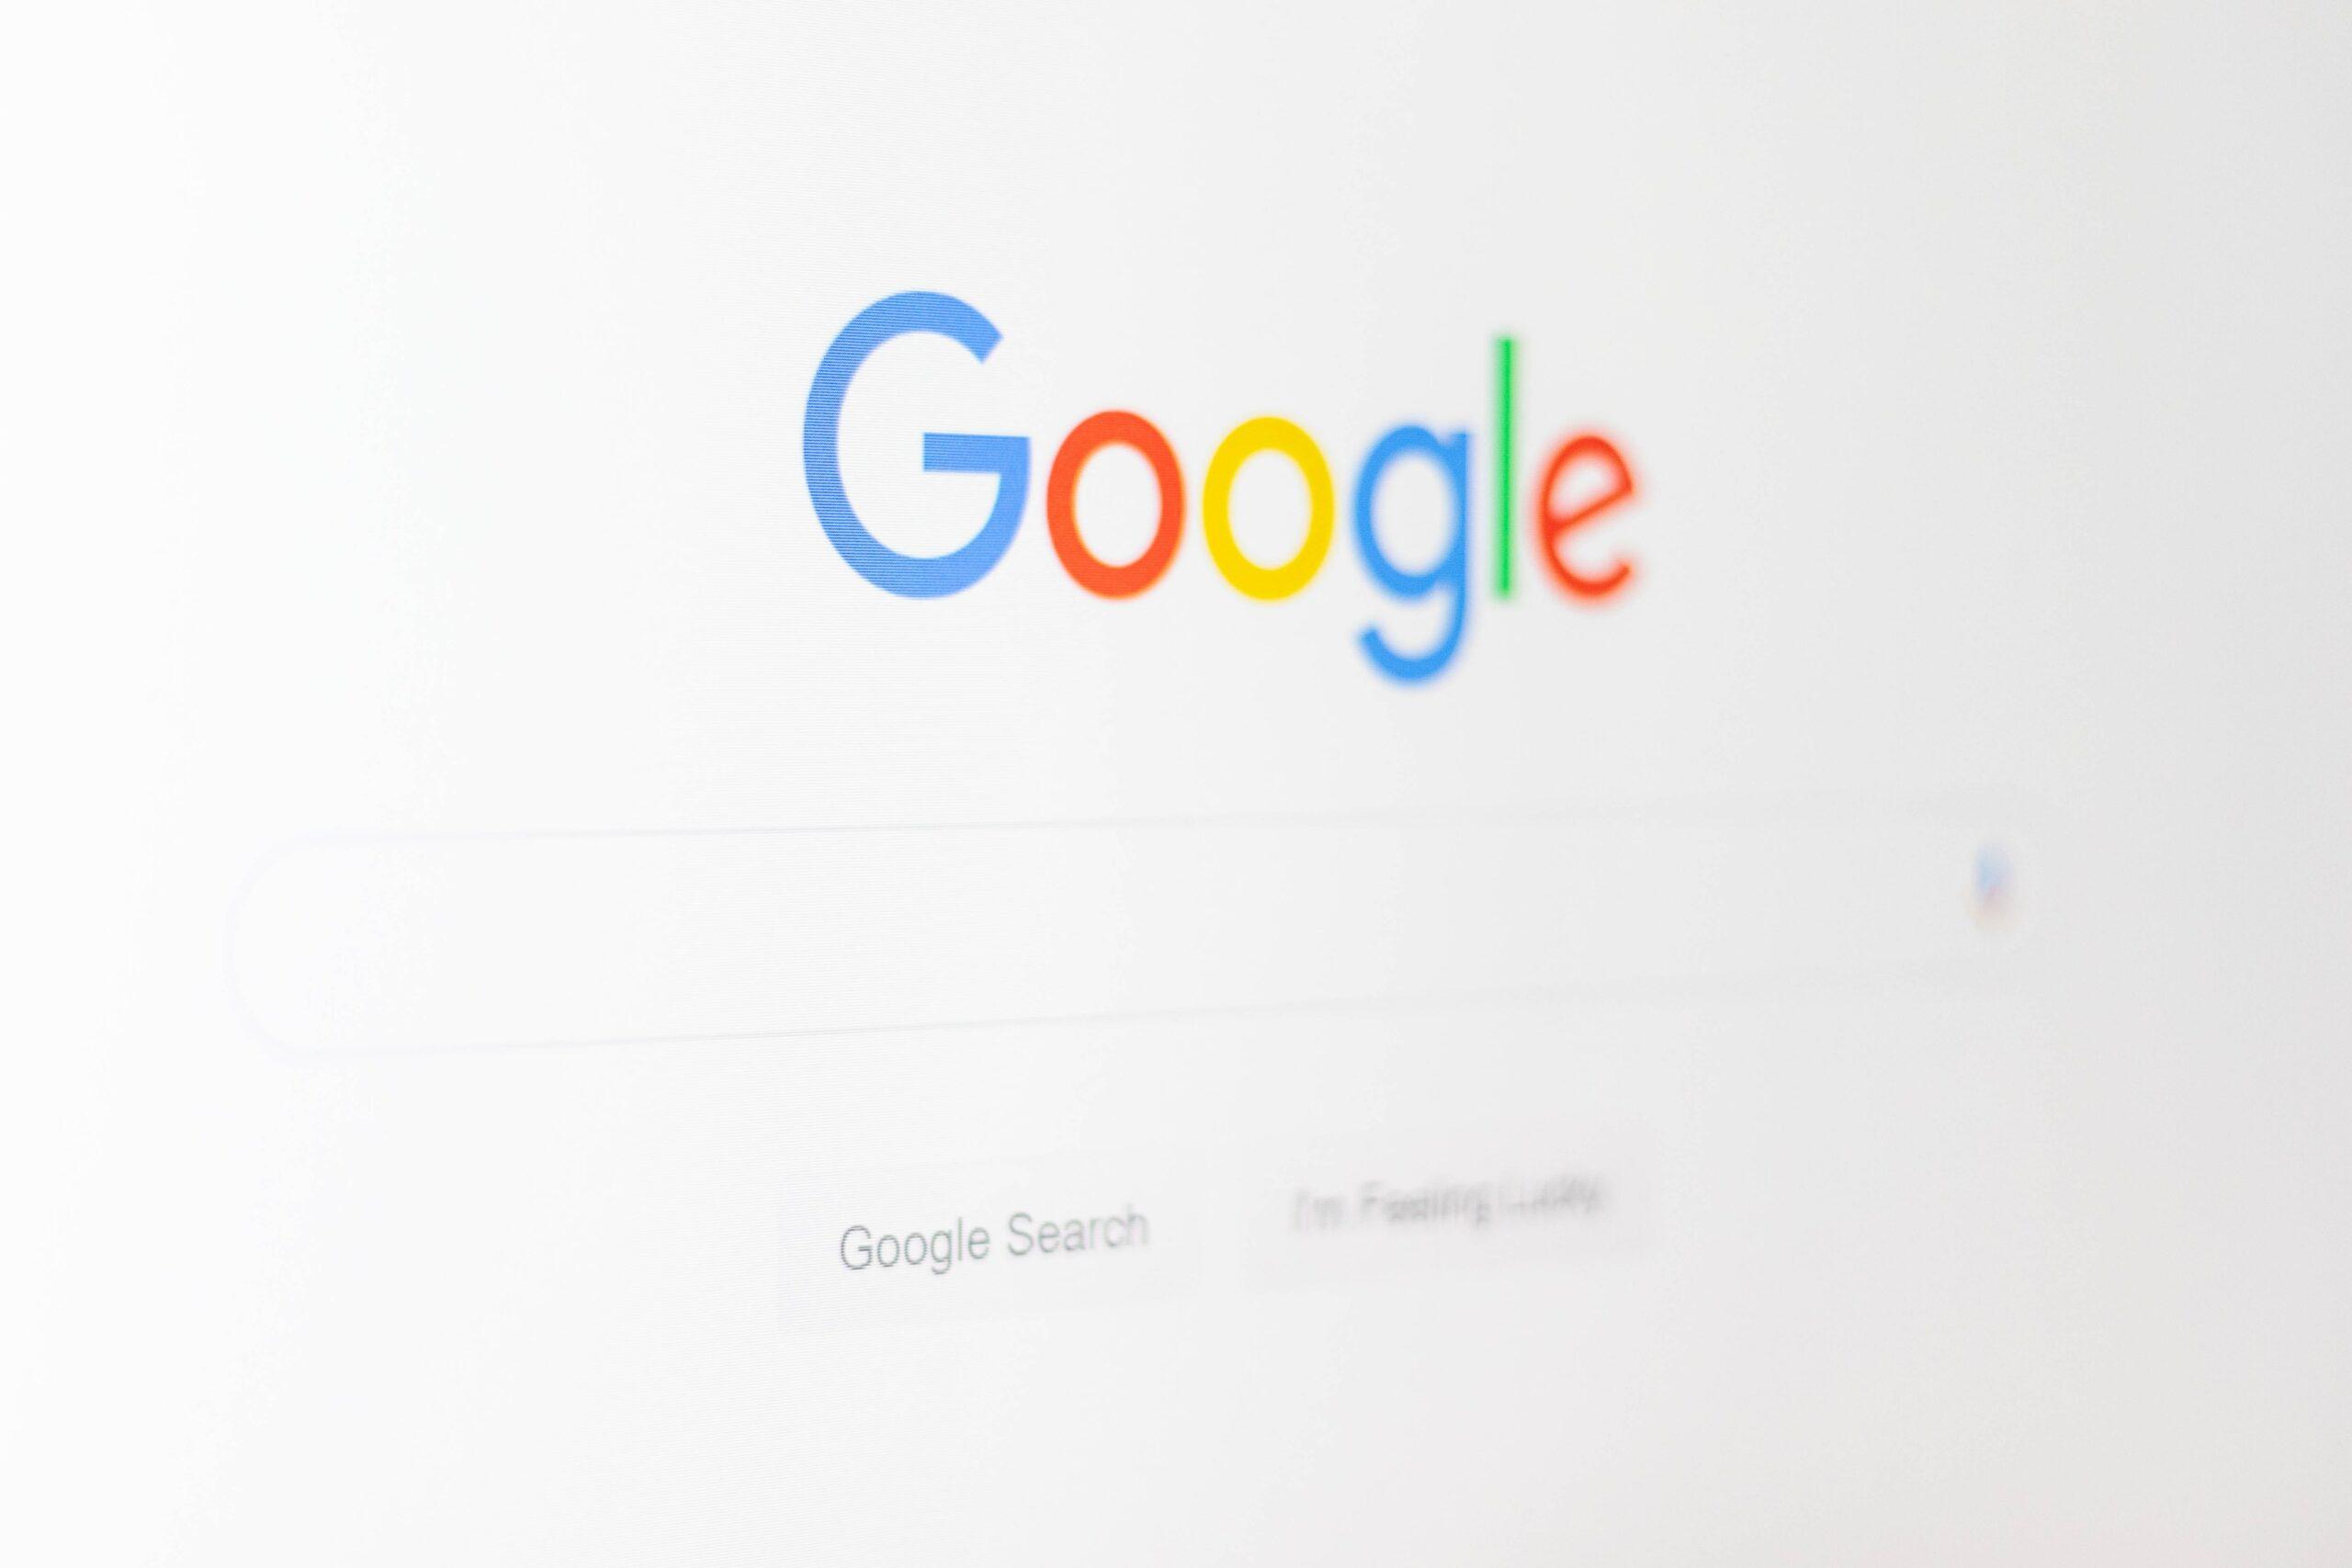 Ist deine Webseite bereit für das Google Panda Update?